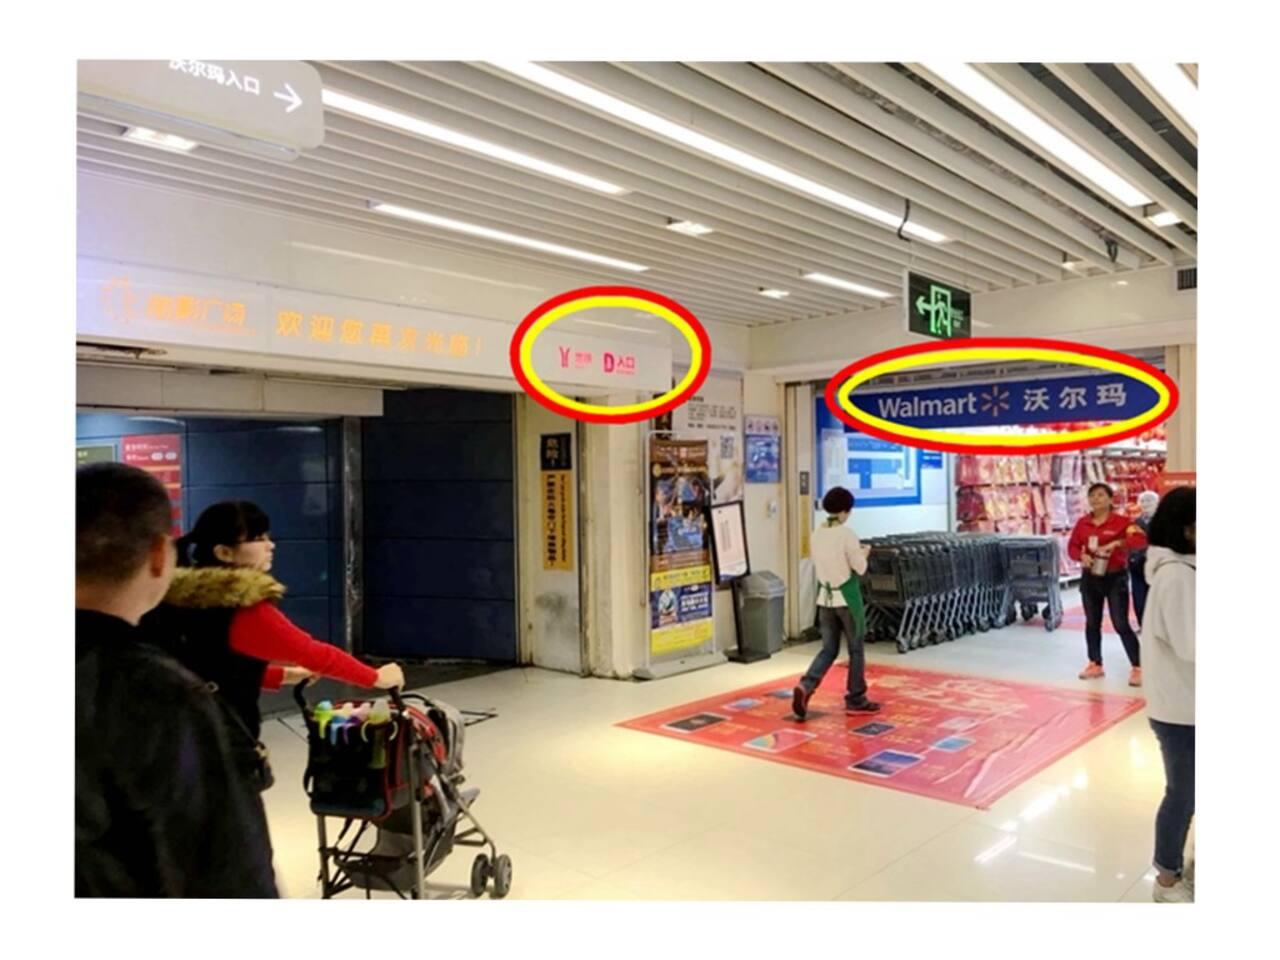 楼下 地铁客村站D出口 和 沃尔玛超市入口